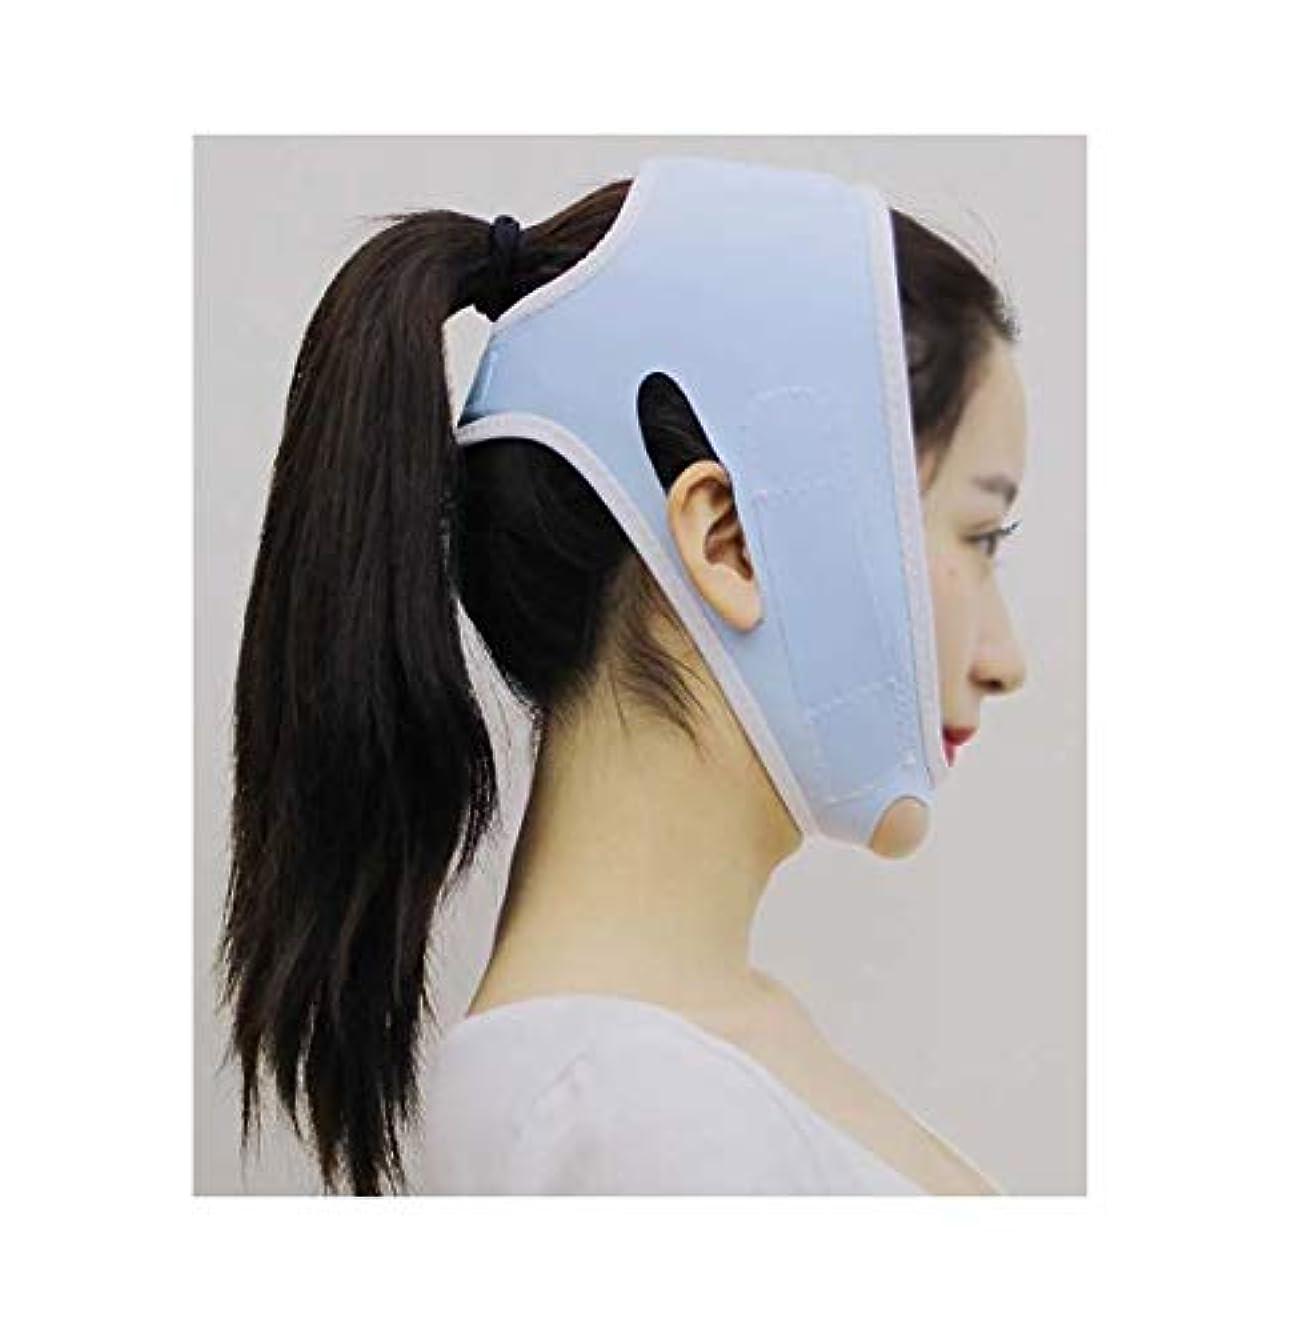 責めるバス満員TLMY 包帯ヘッドギアマスクの顔Vの顔の薄い顔のアーティファクトプラスチック美容ゴムバンドフェイスリフトネックリフト後薄い顔マスクあごベルトの回復 顔用整形マスク (Color : Blue)